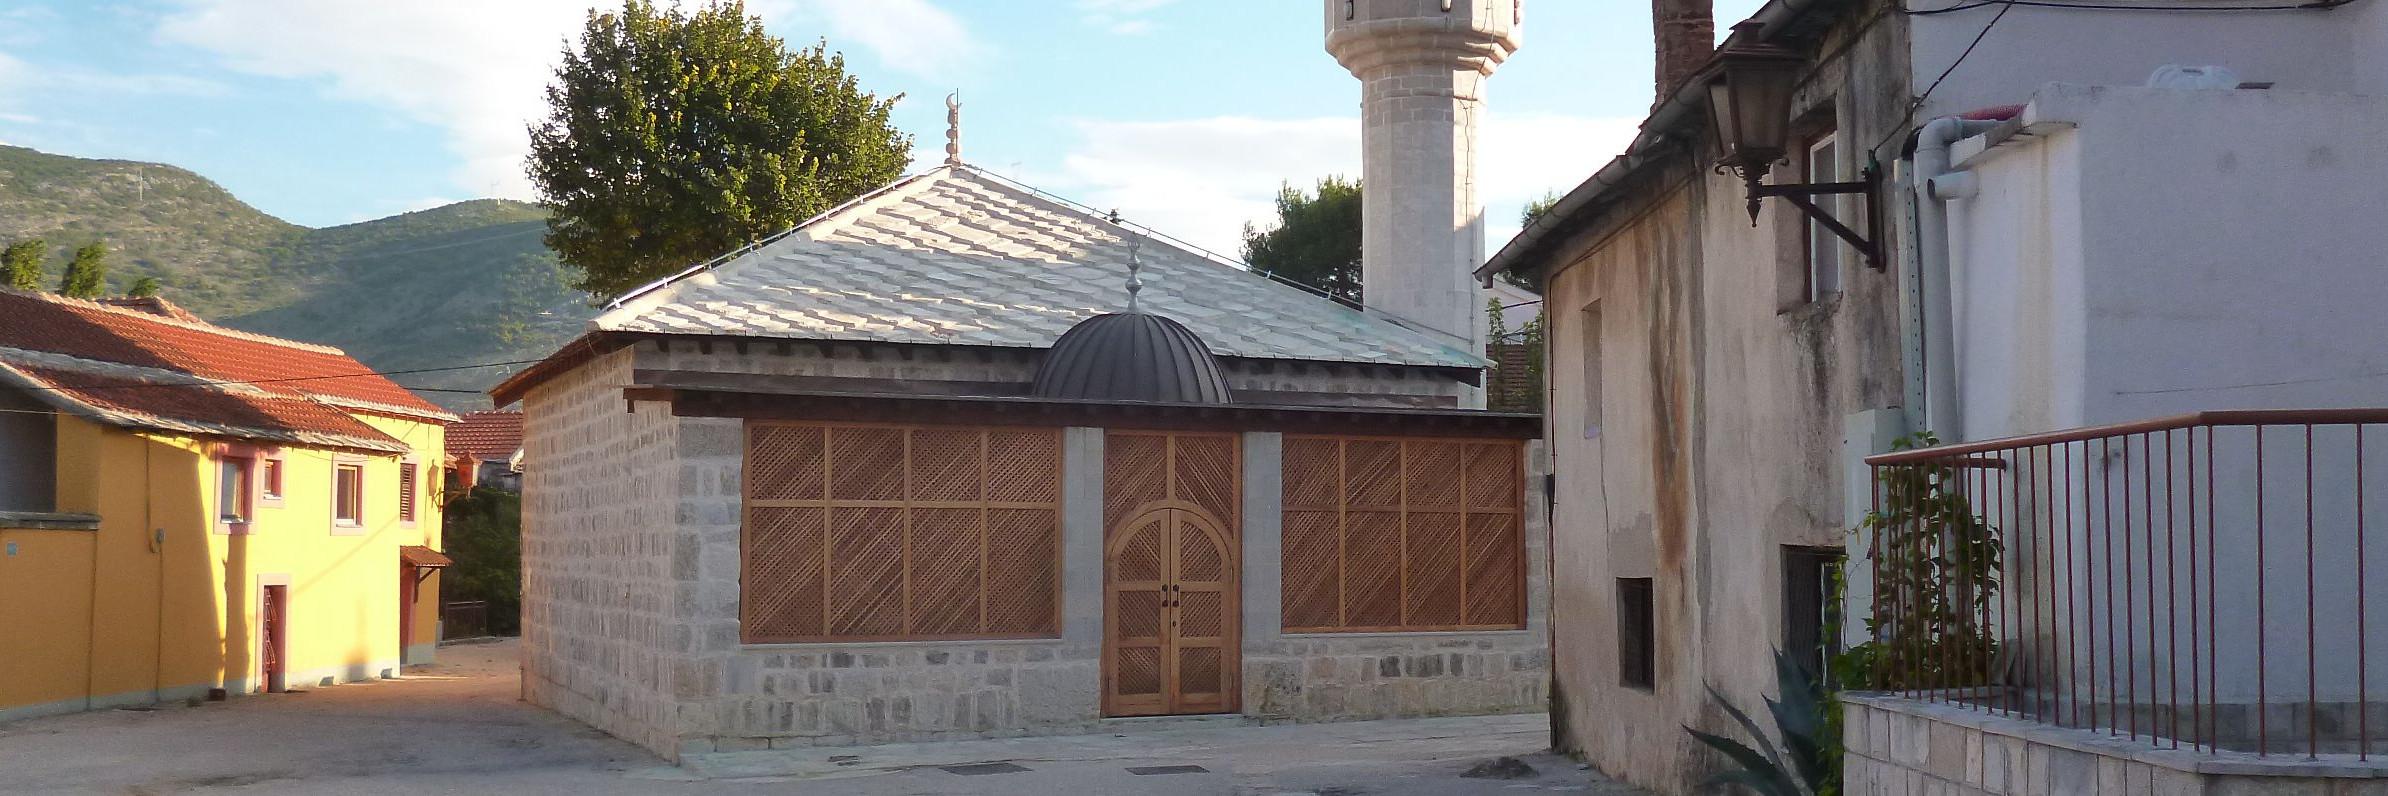 Царева мечеть в Требине. Фото: Елена Арсениевич, CC BY-SA 3.0